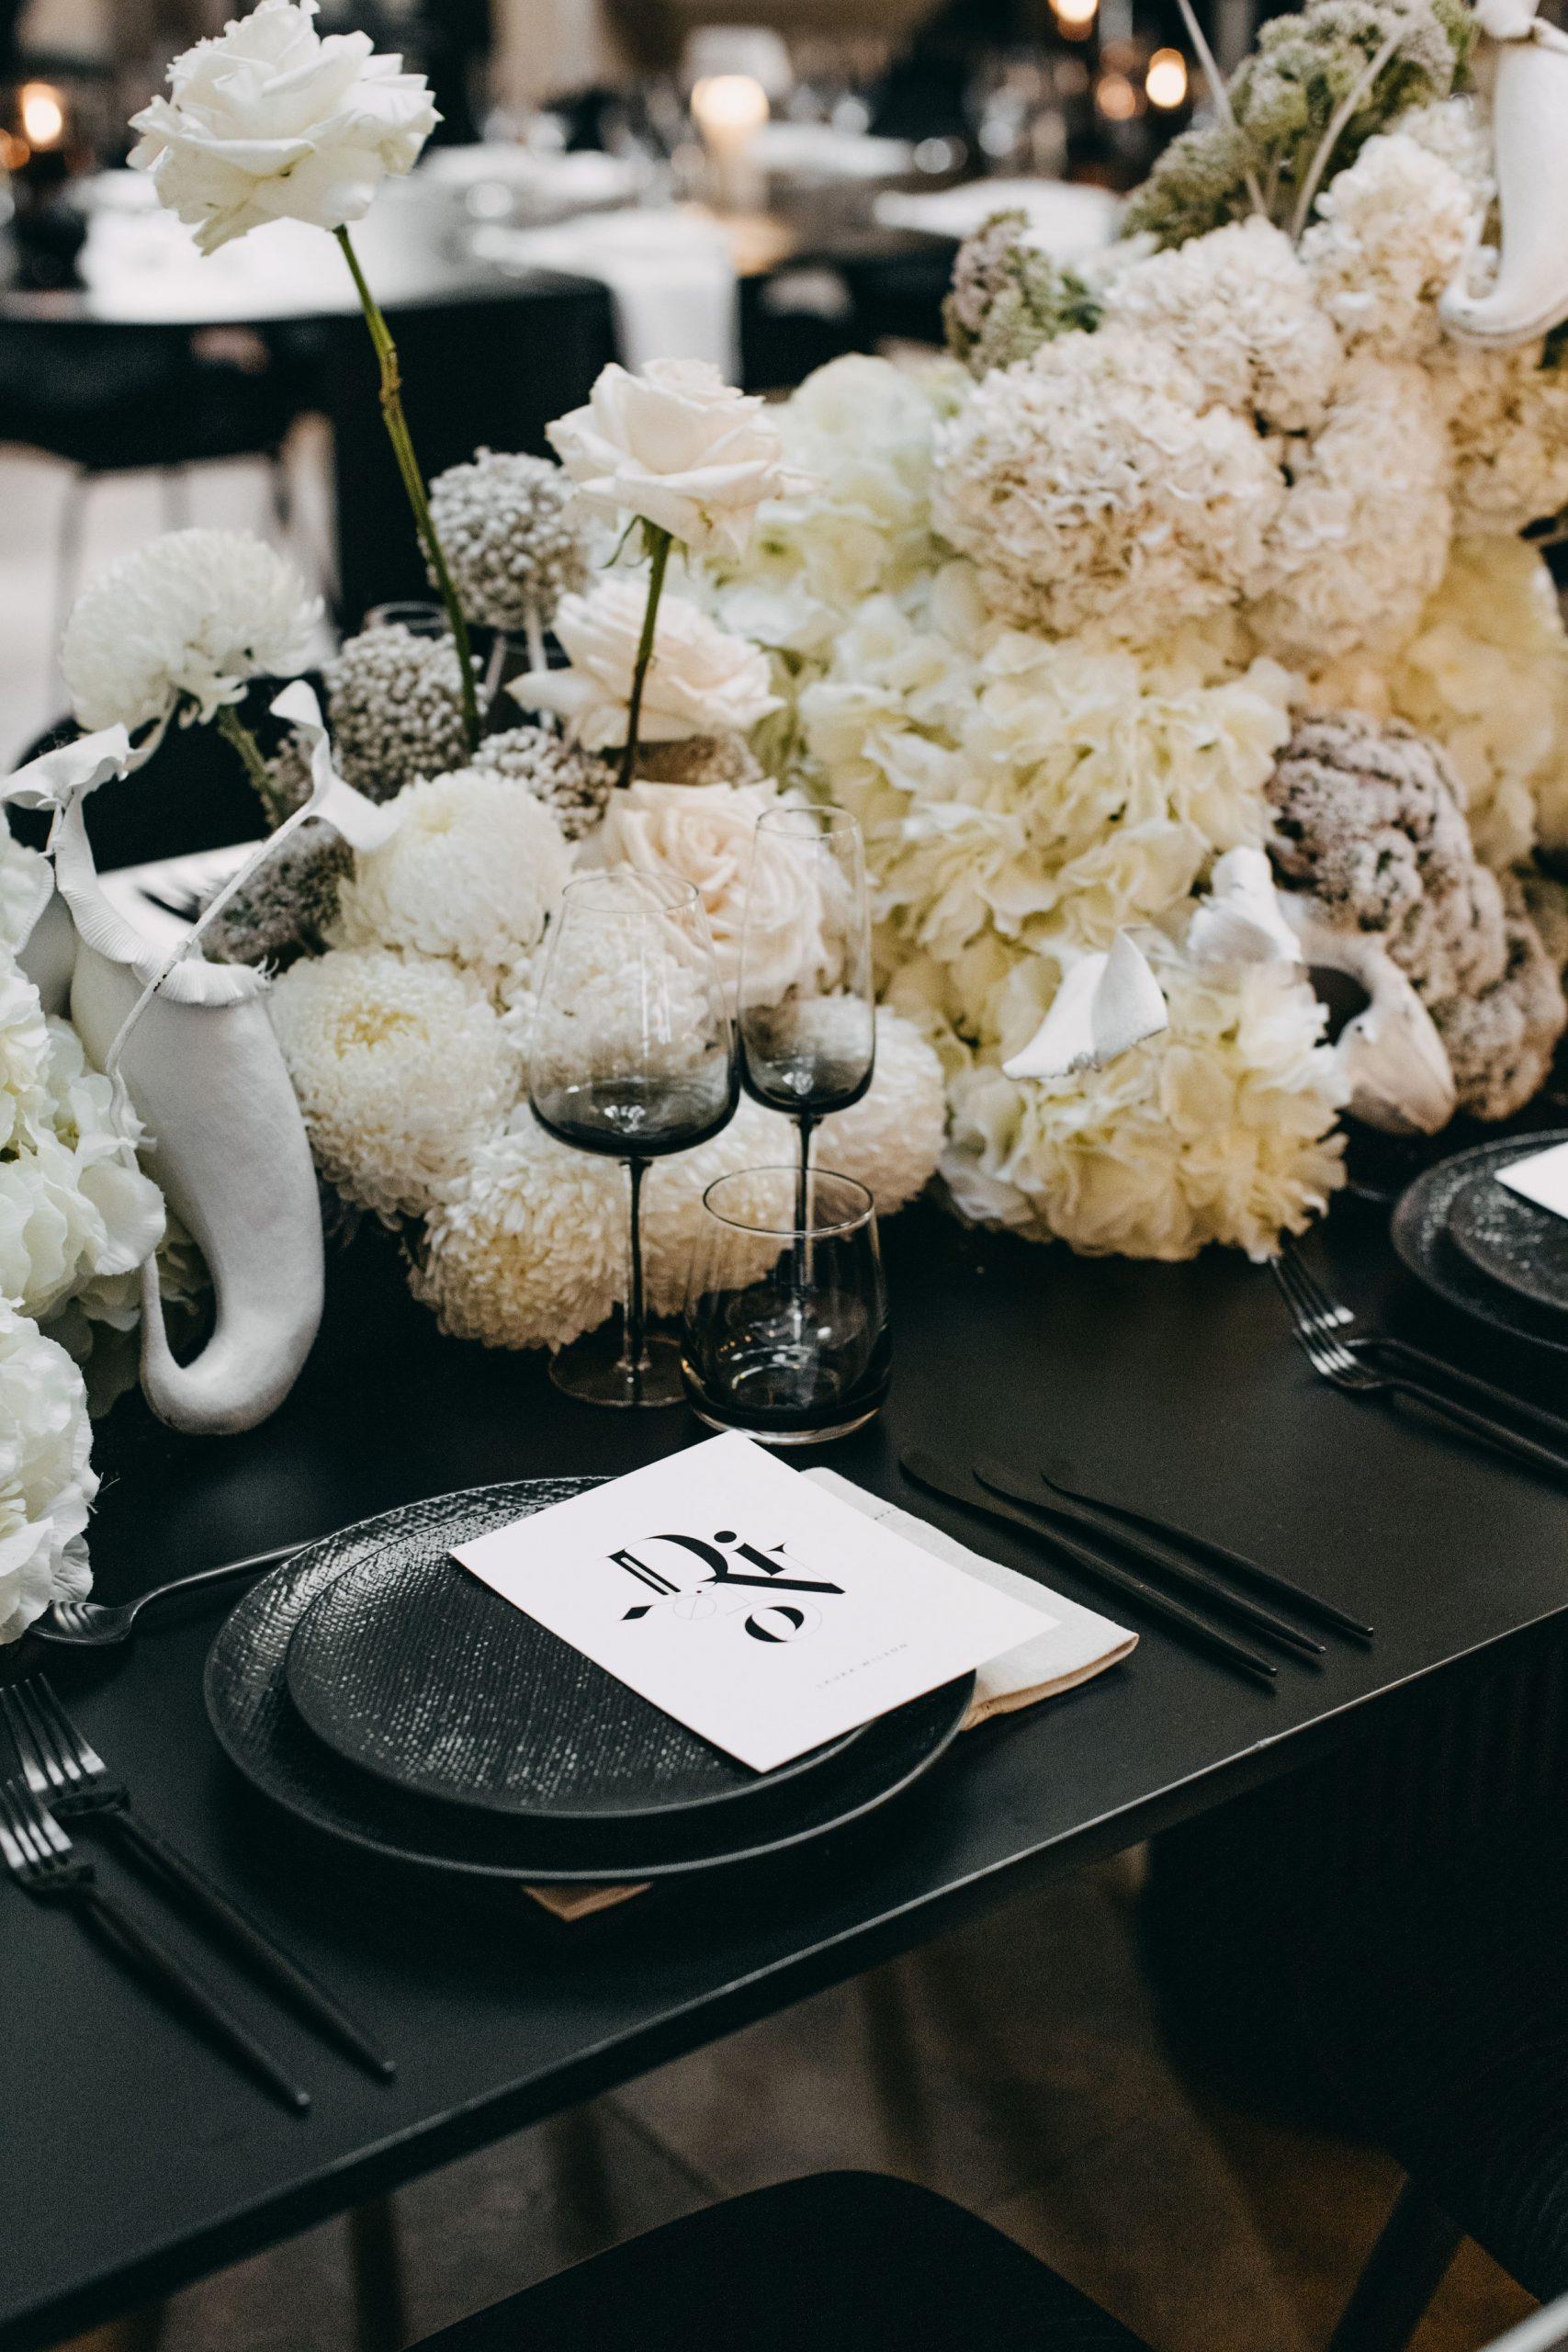 453-WEDDINGOPENDAY-THESTATEBUILDINGS-21FEB2021